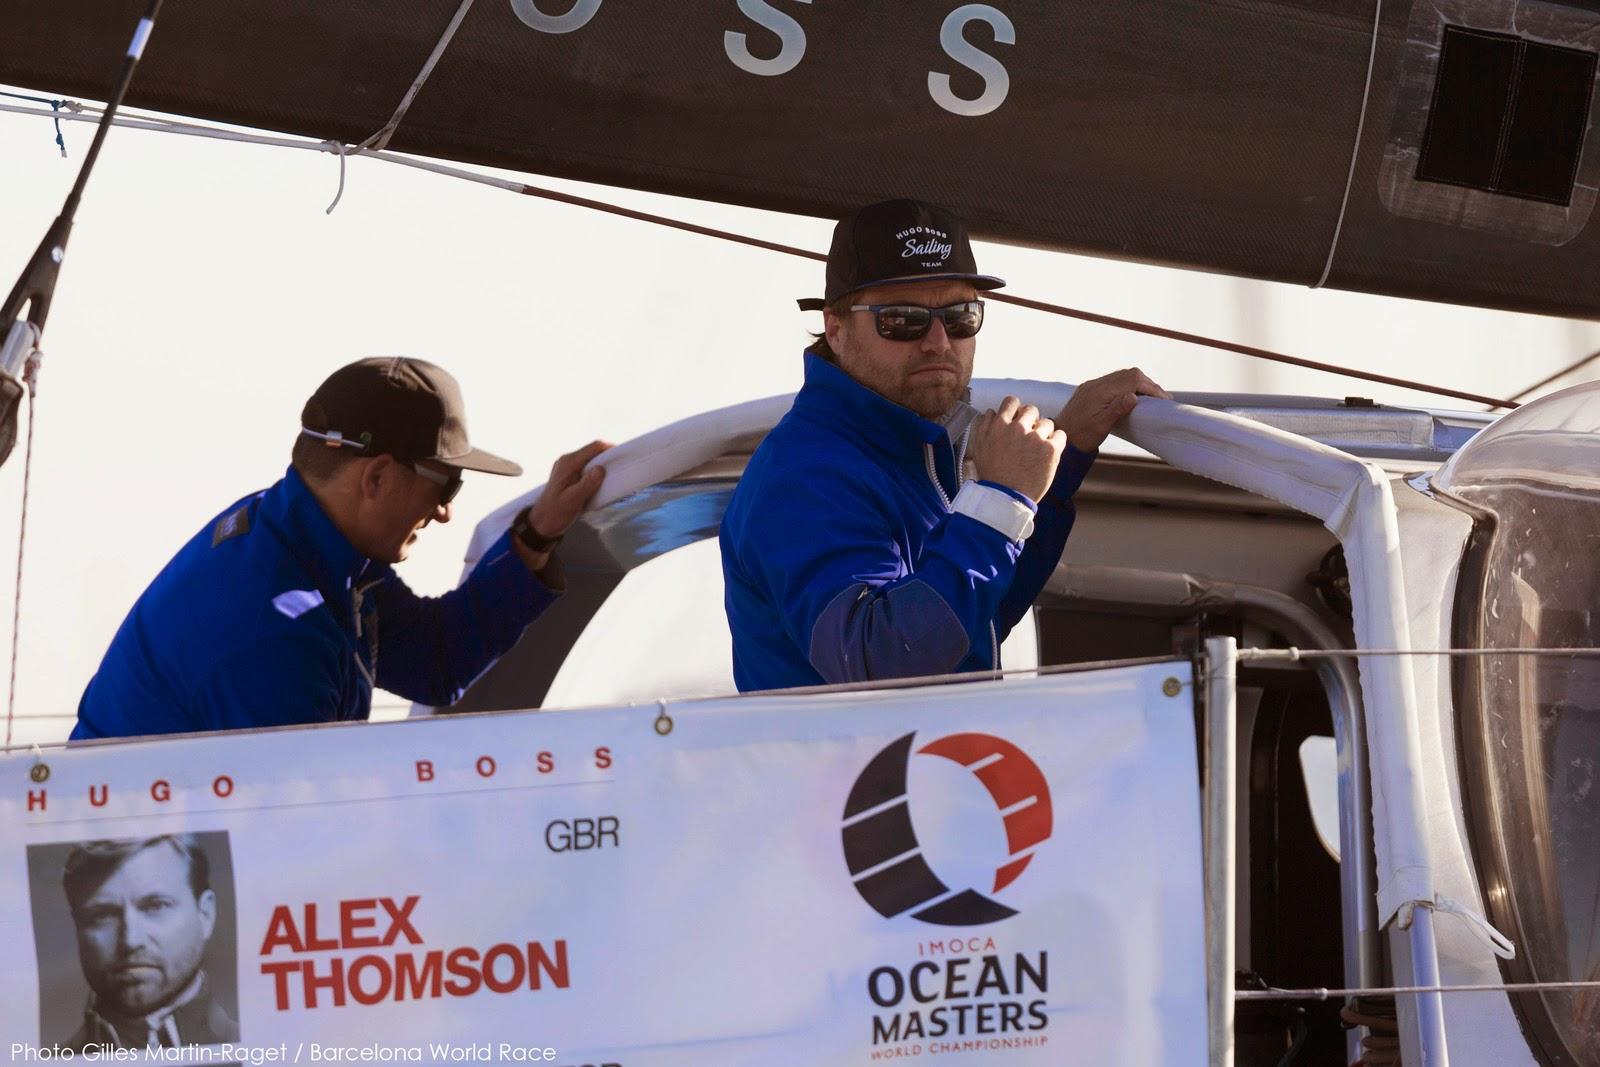 Alex Thomson et Pepe Ribes en tête de la Banrcelona World Race.